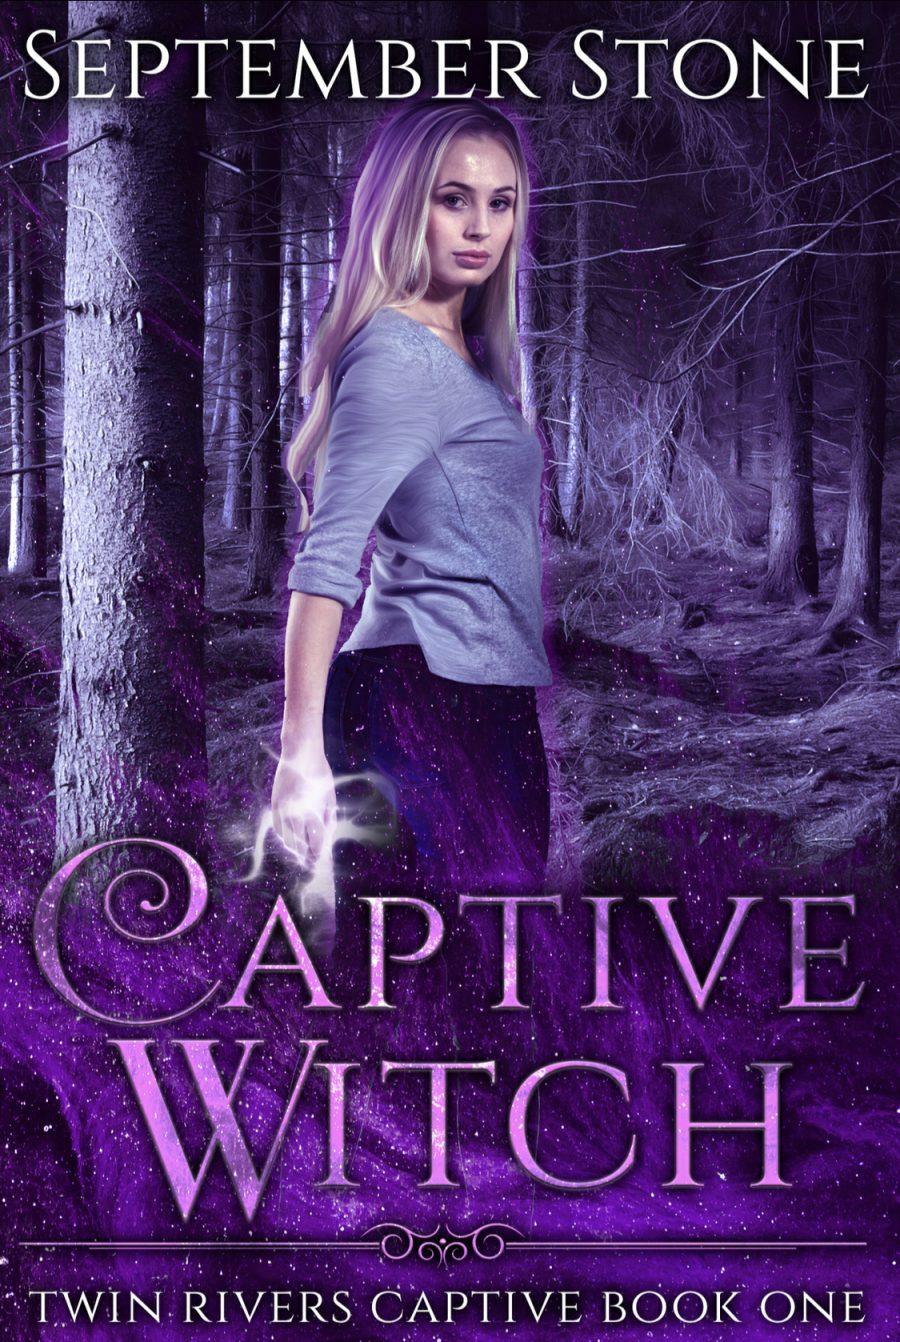 Captive Witch by September Stone - A Book Review #SlowBurn #MediumBurn #RH #UF #UrbanFantasy #ReverseHarem #KindleUnlimited #KU